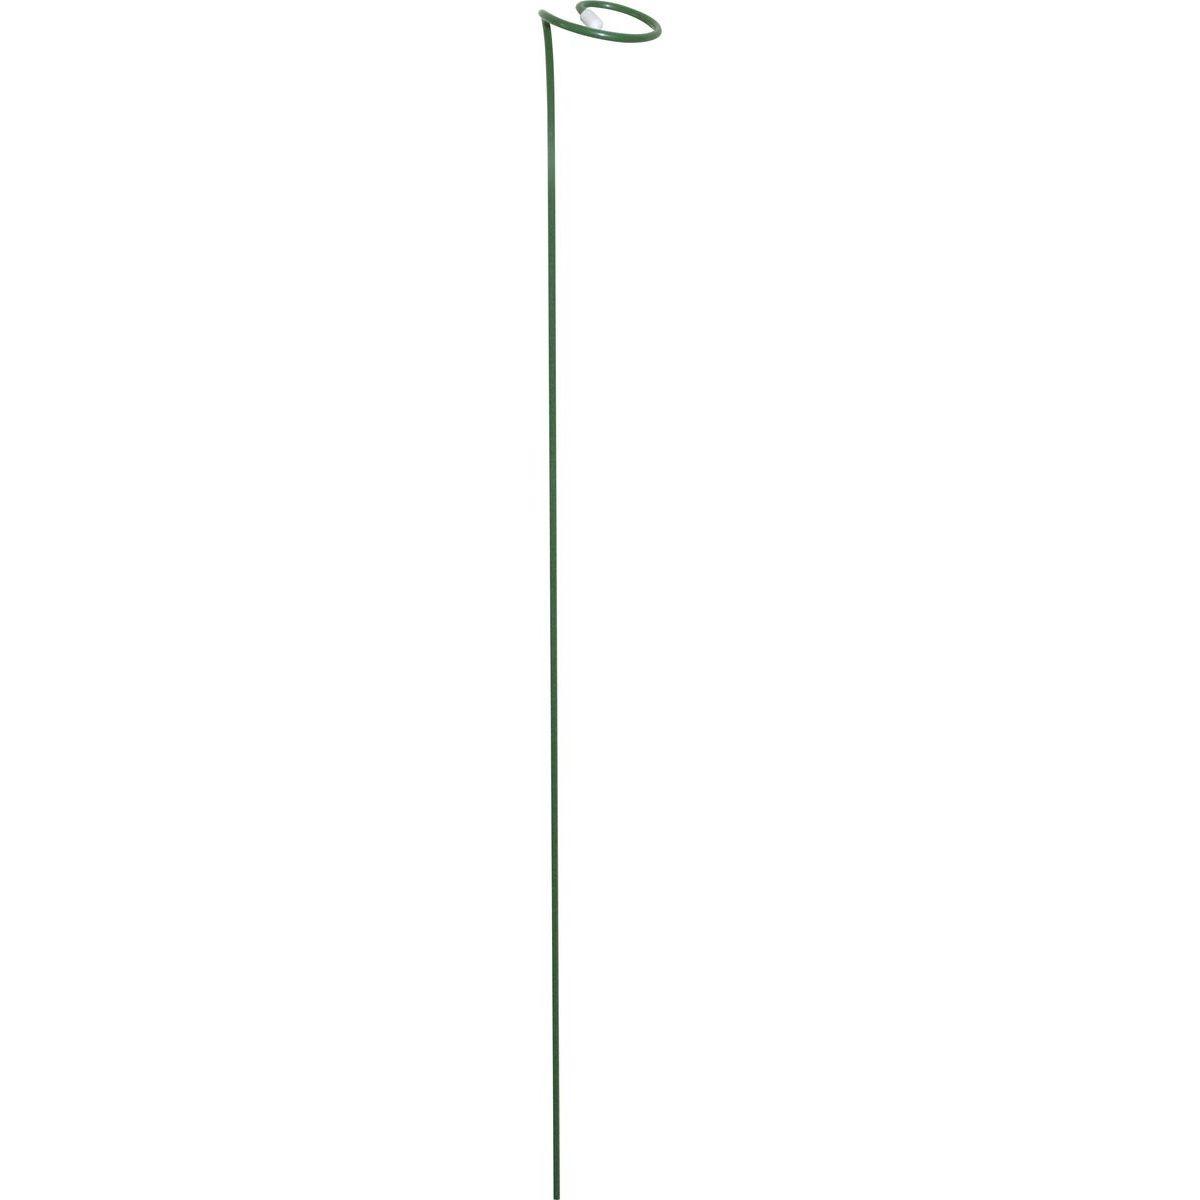 Опора для растений Лиана, 999260, зеленый, 90 х 6 х 6 см опора для растений green apple бамбук цвет зеленый диаметр 1 1 см длина 90 см 5 шт